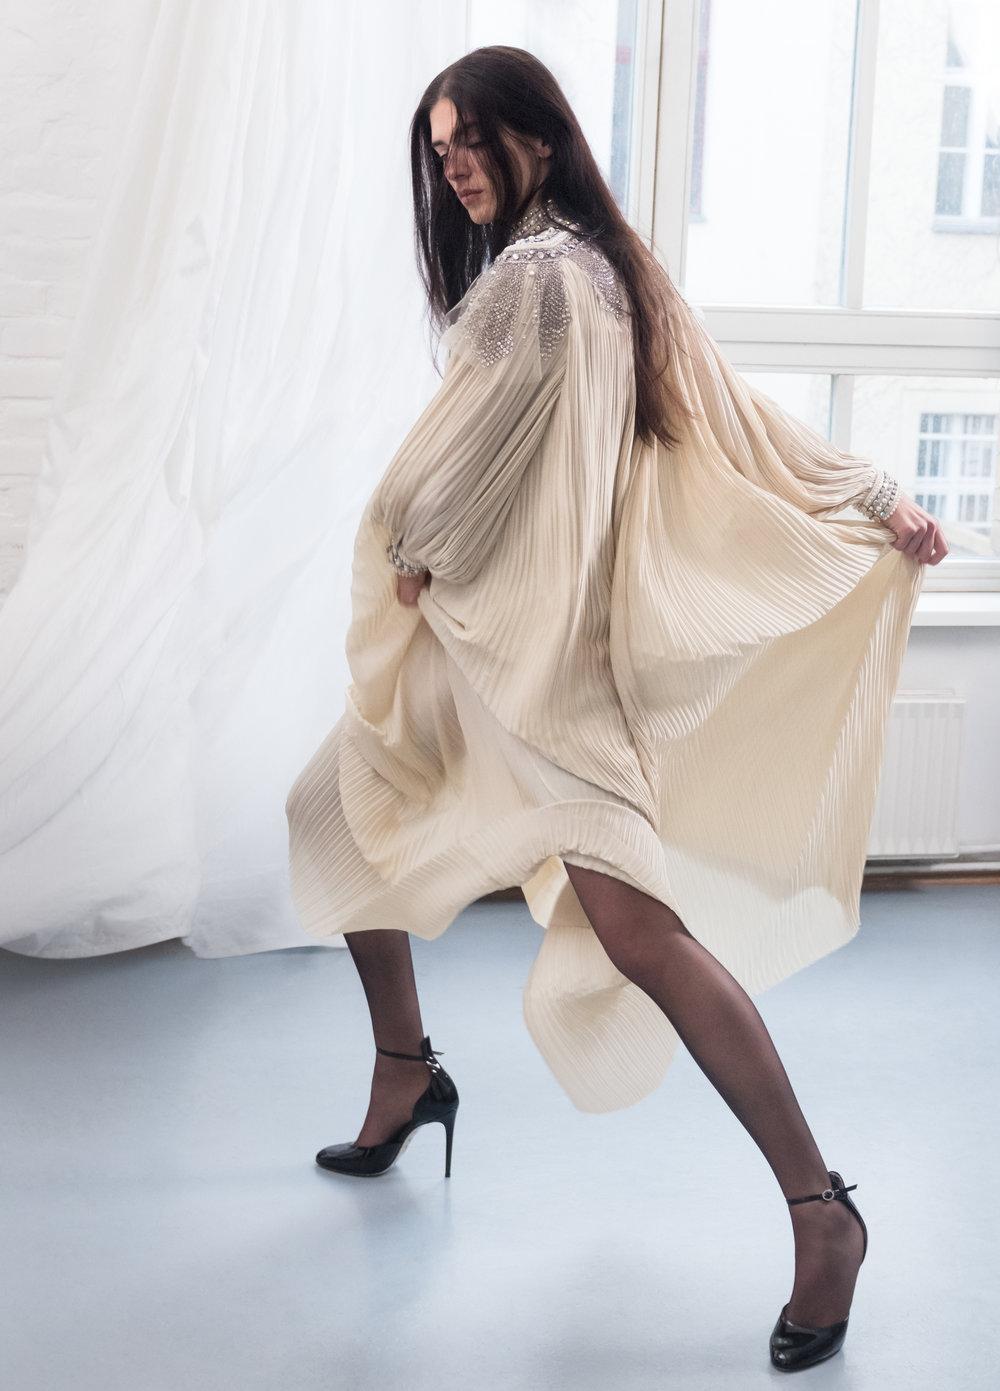 Franziska viste zapatos y vestido de  GUCCI  y medias de  FALKE .